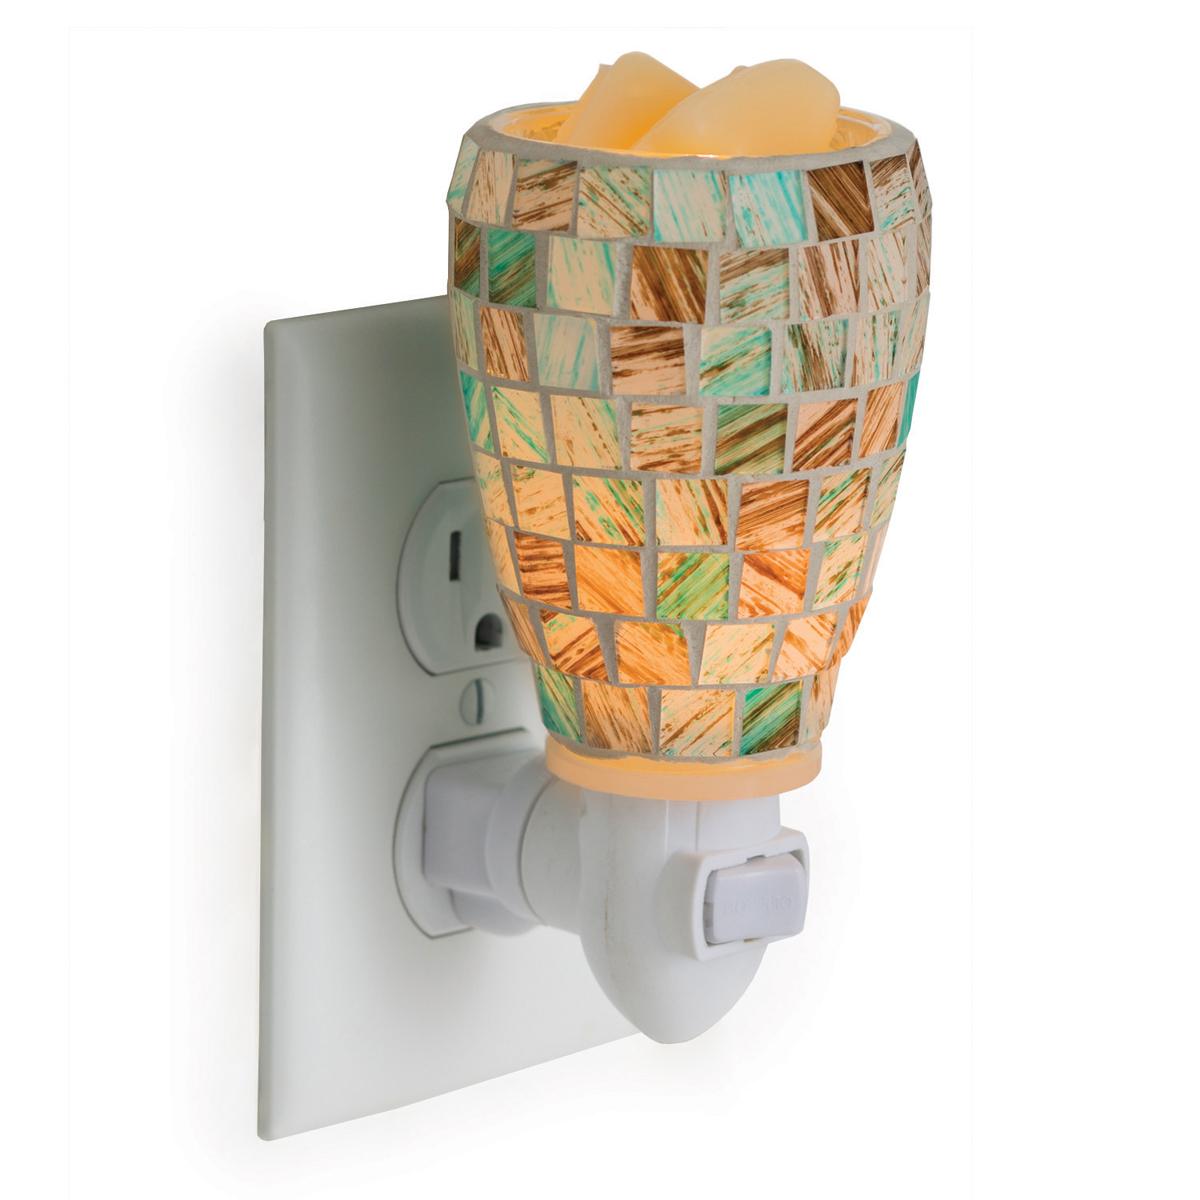 Аромасветильник розеточный Candle Warmers. Красивый светильник, с помощью которого можно не только создать уютную атмосферу, но и ароматизировать помещение. Для ароматизации, просто добавьте воск, включите, и наслаждайтесь вашим любимым ароматом в комнате. Свет проникает через квадратные стеклянные плитки в естественных коричневых тонах и освещает ваш интерьер.